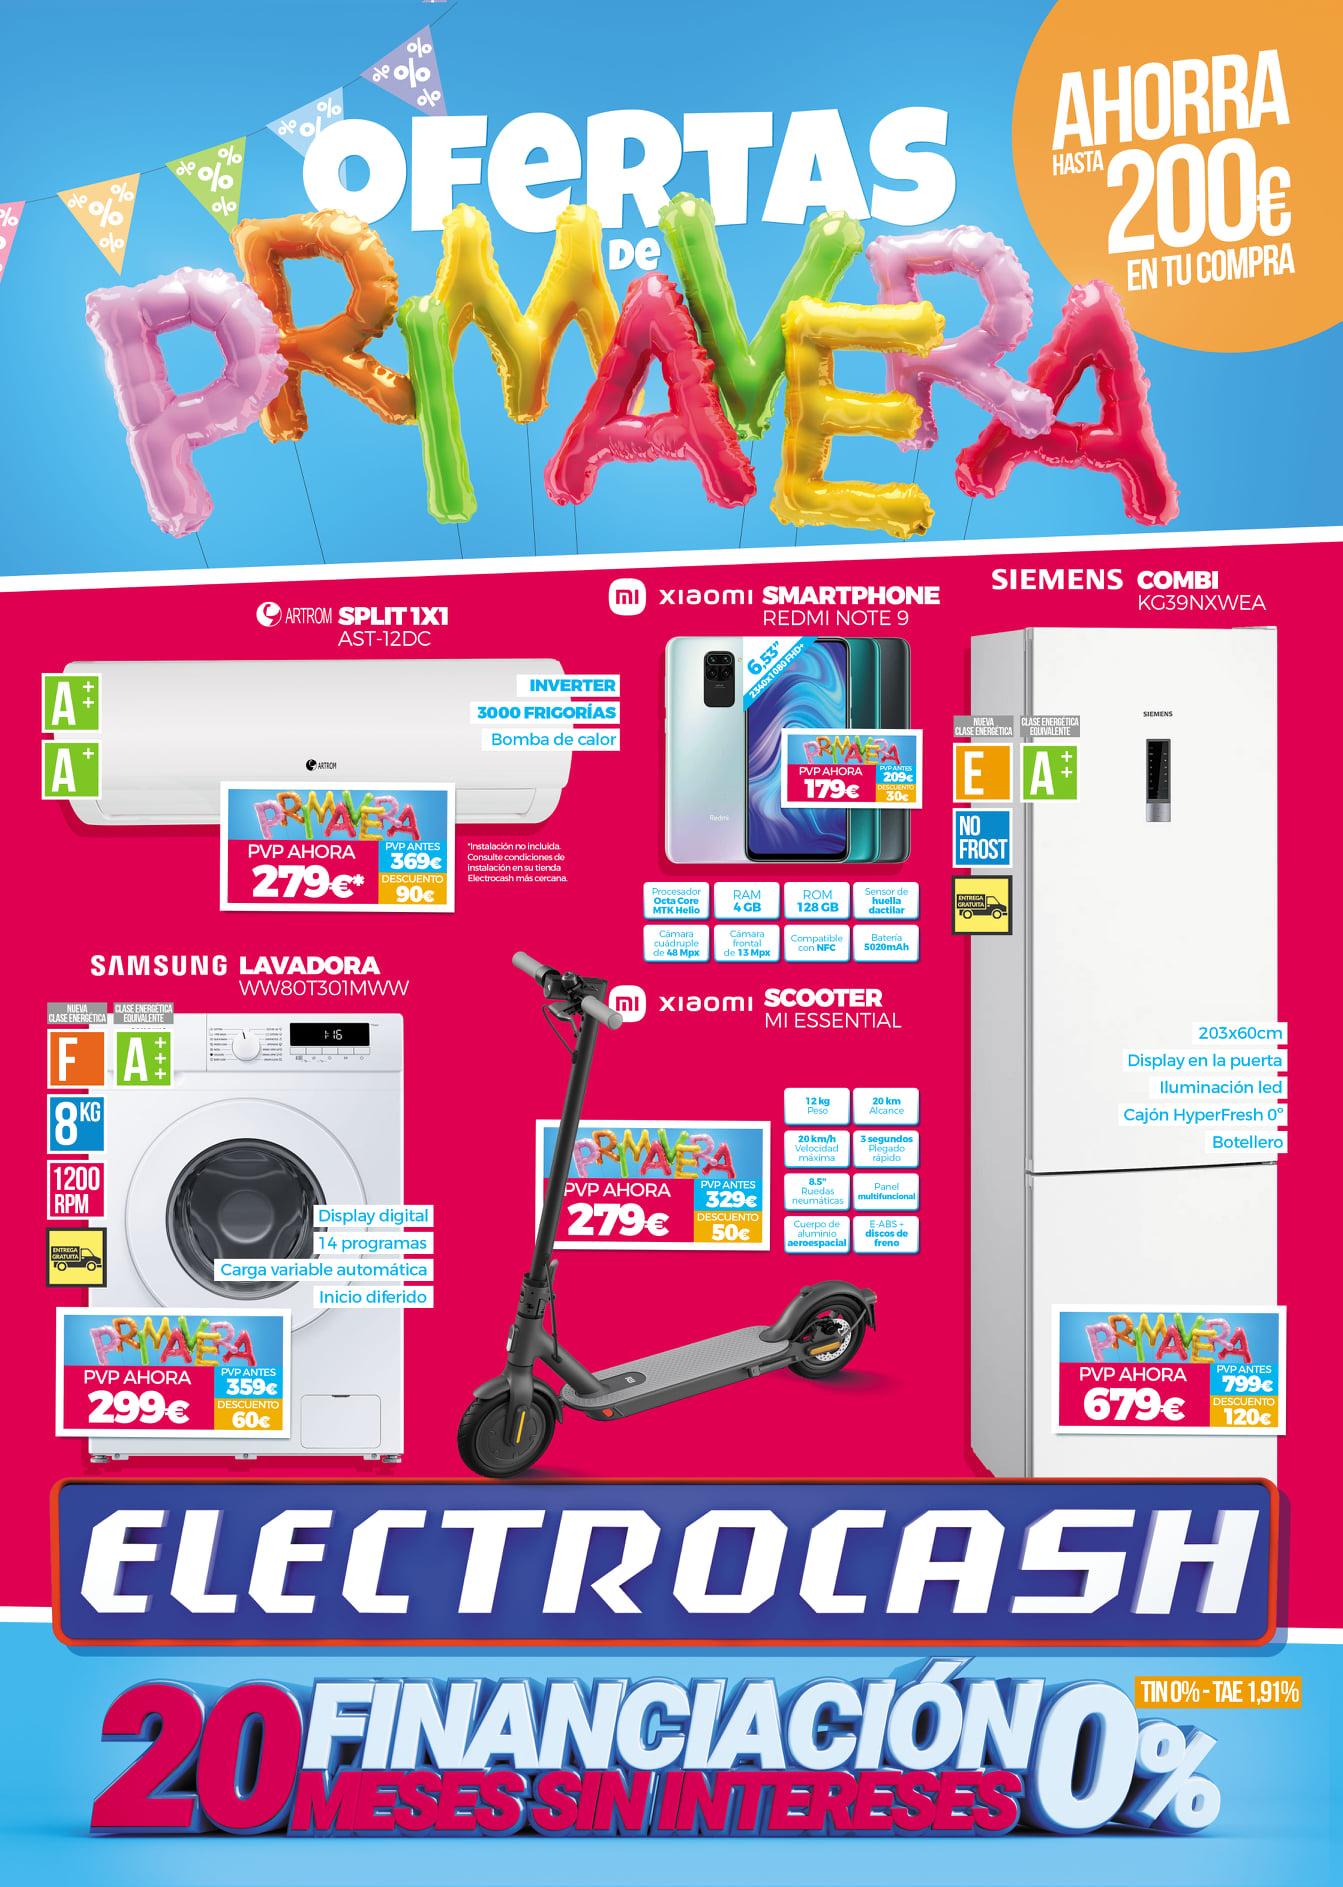 Oferta ELECTROCASH Electrodomésticos